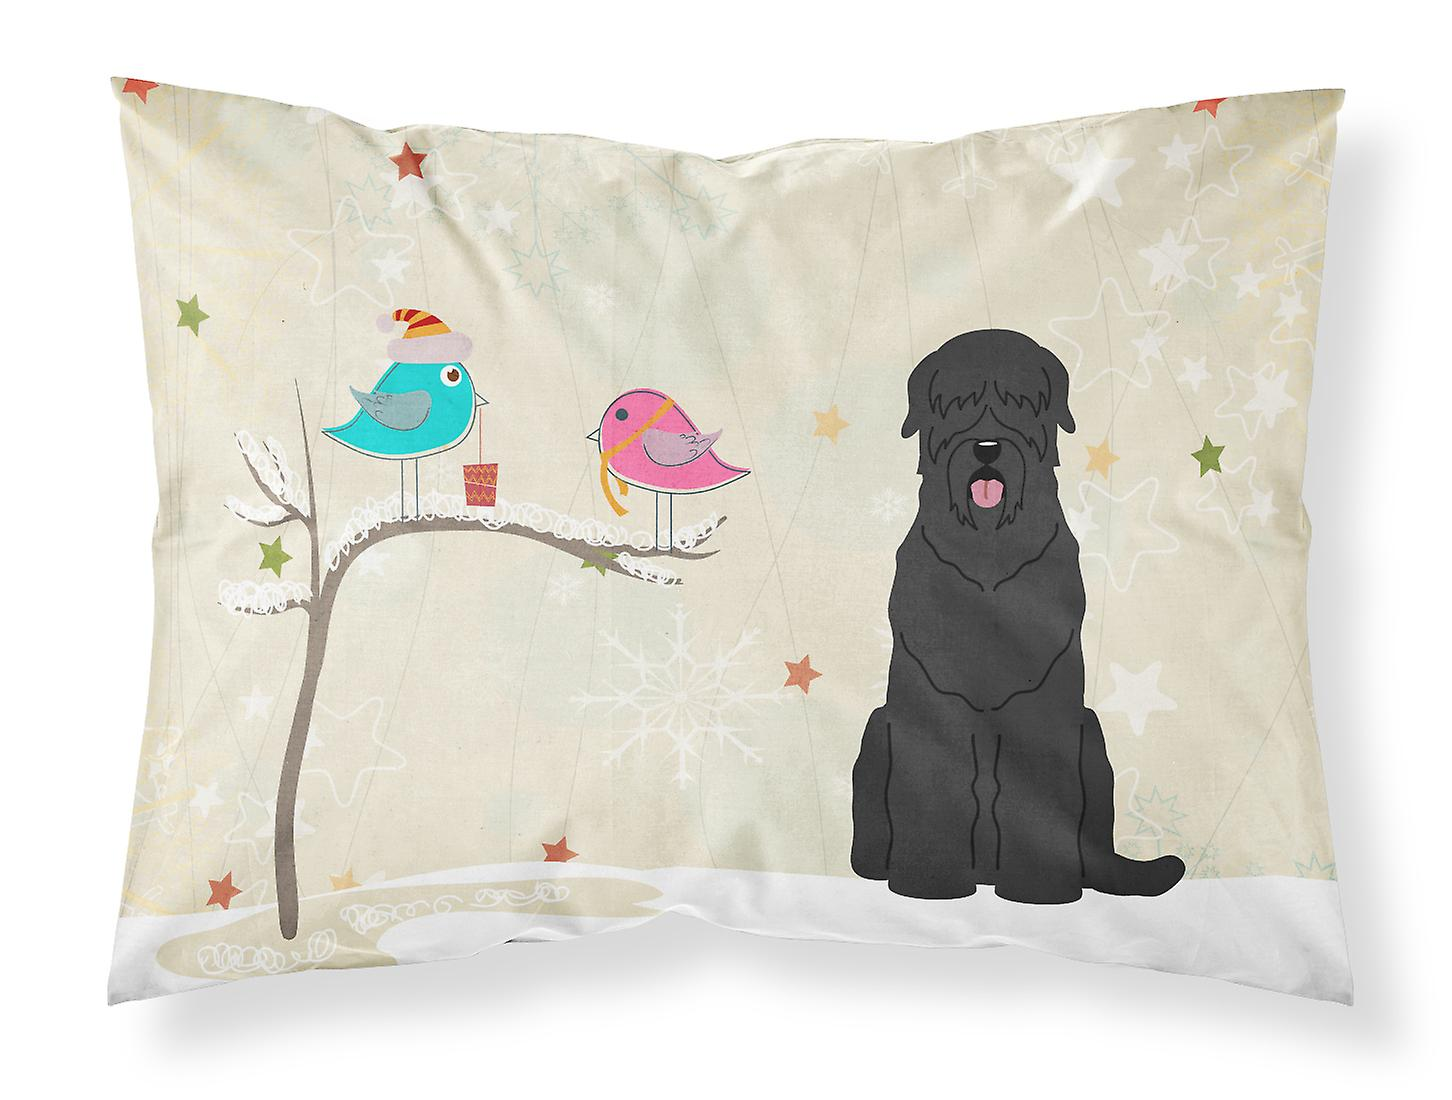 Cadeaux Terrier Noël De Amis Tissu Russe Pillowc Noir Standard Entre EHeDY9IW2